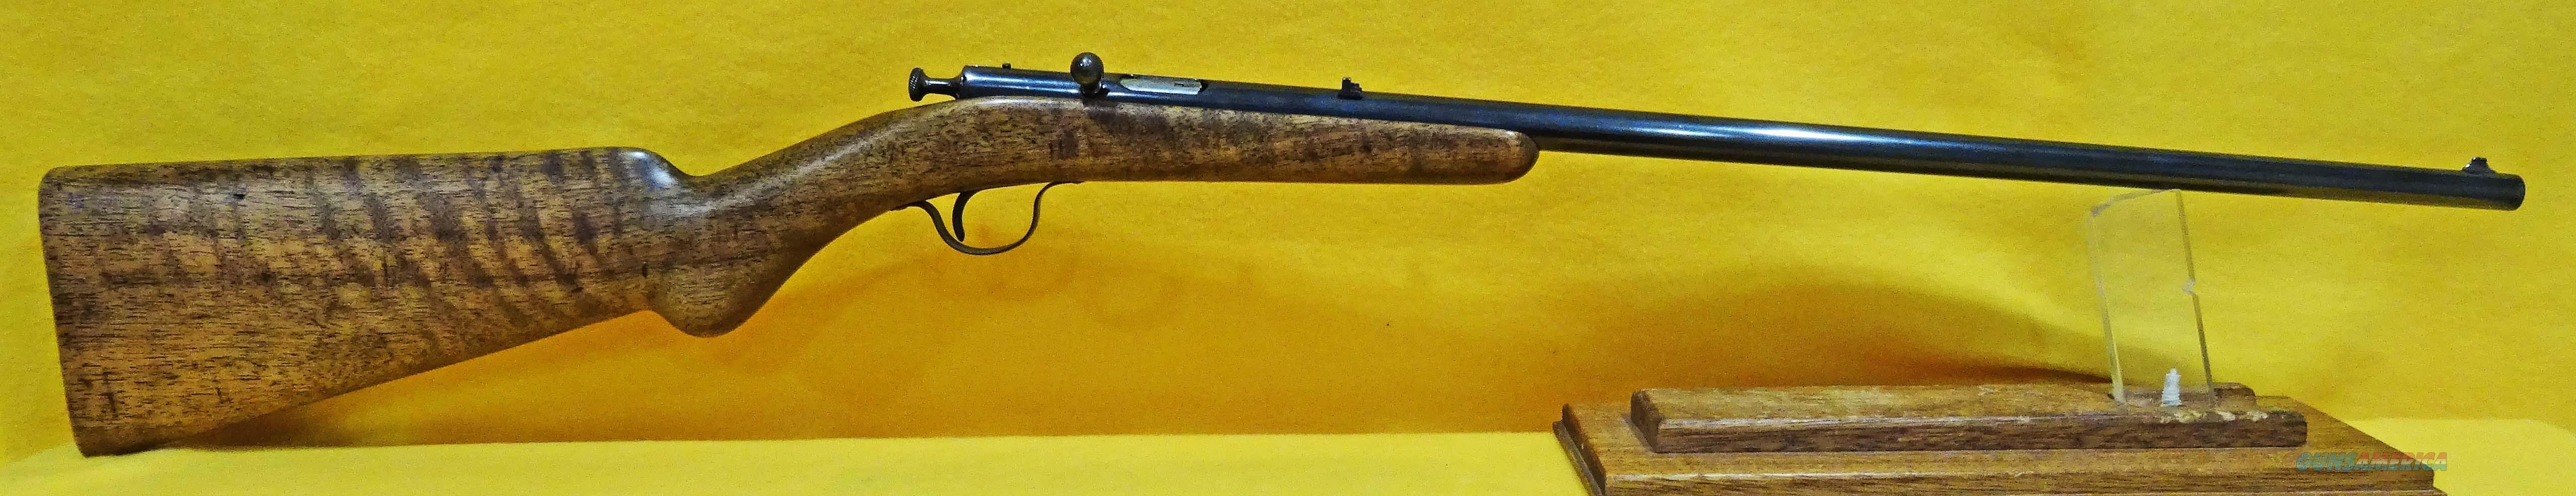 PIEPER HERSTAL BOYS BOLT  Guns > Rifles > H Misc Rifles